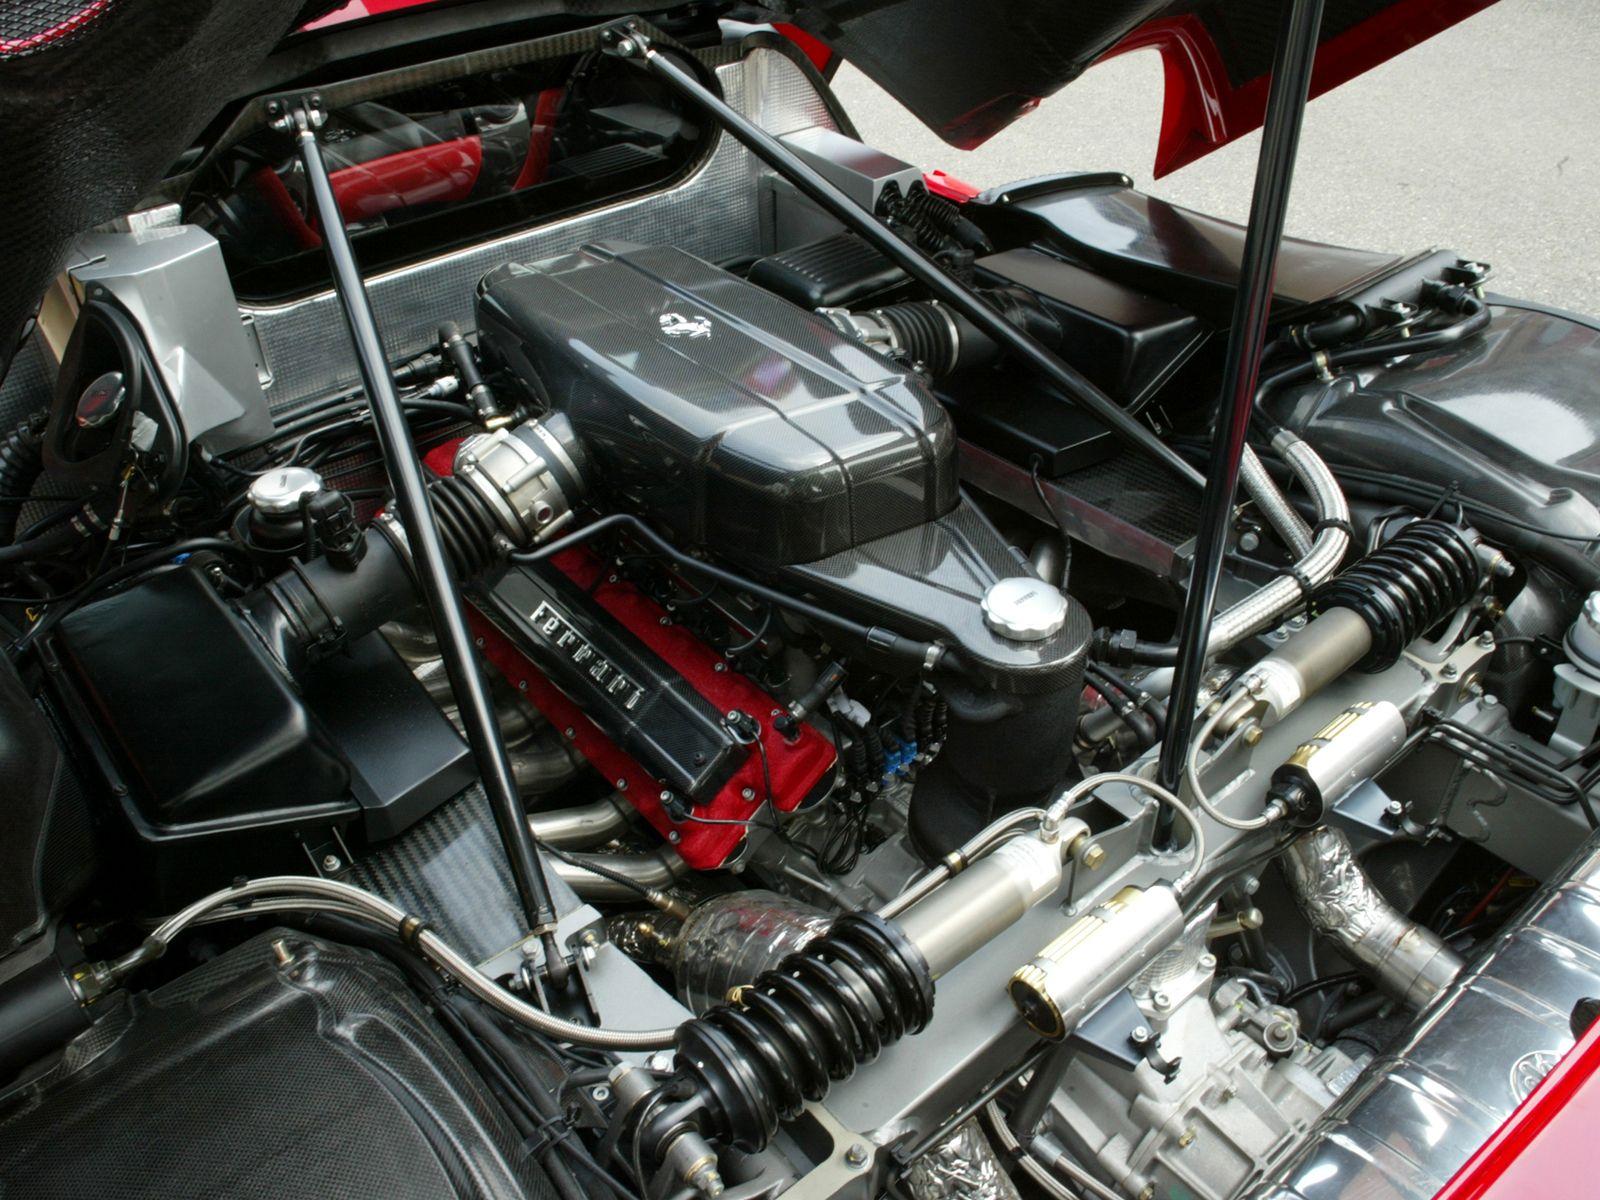 http://4.bp.blogspot.com/--bhivC9Q9RE/TcpaZdojVdI/AAAAAAAAA4w/JUxMg2Vut94/s1600/Ferrari-Enzo-044.jpg